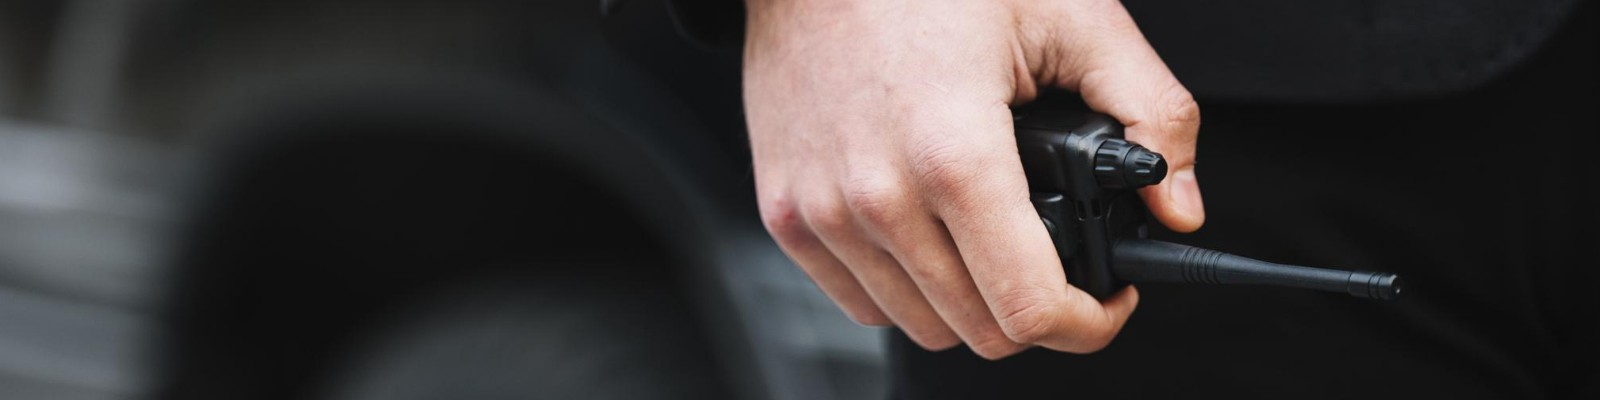 {:uk}Страхування відповідальності охоронних компаній{:}{:ru}Страхование ответственности охранных компаний {:}